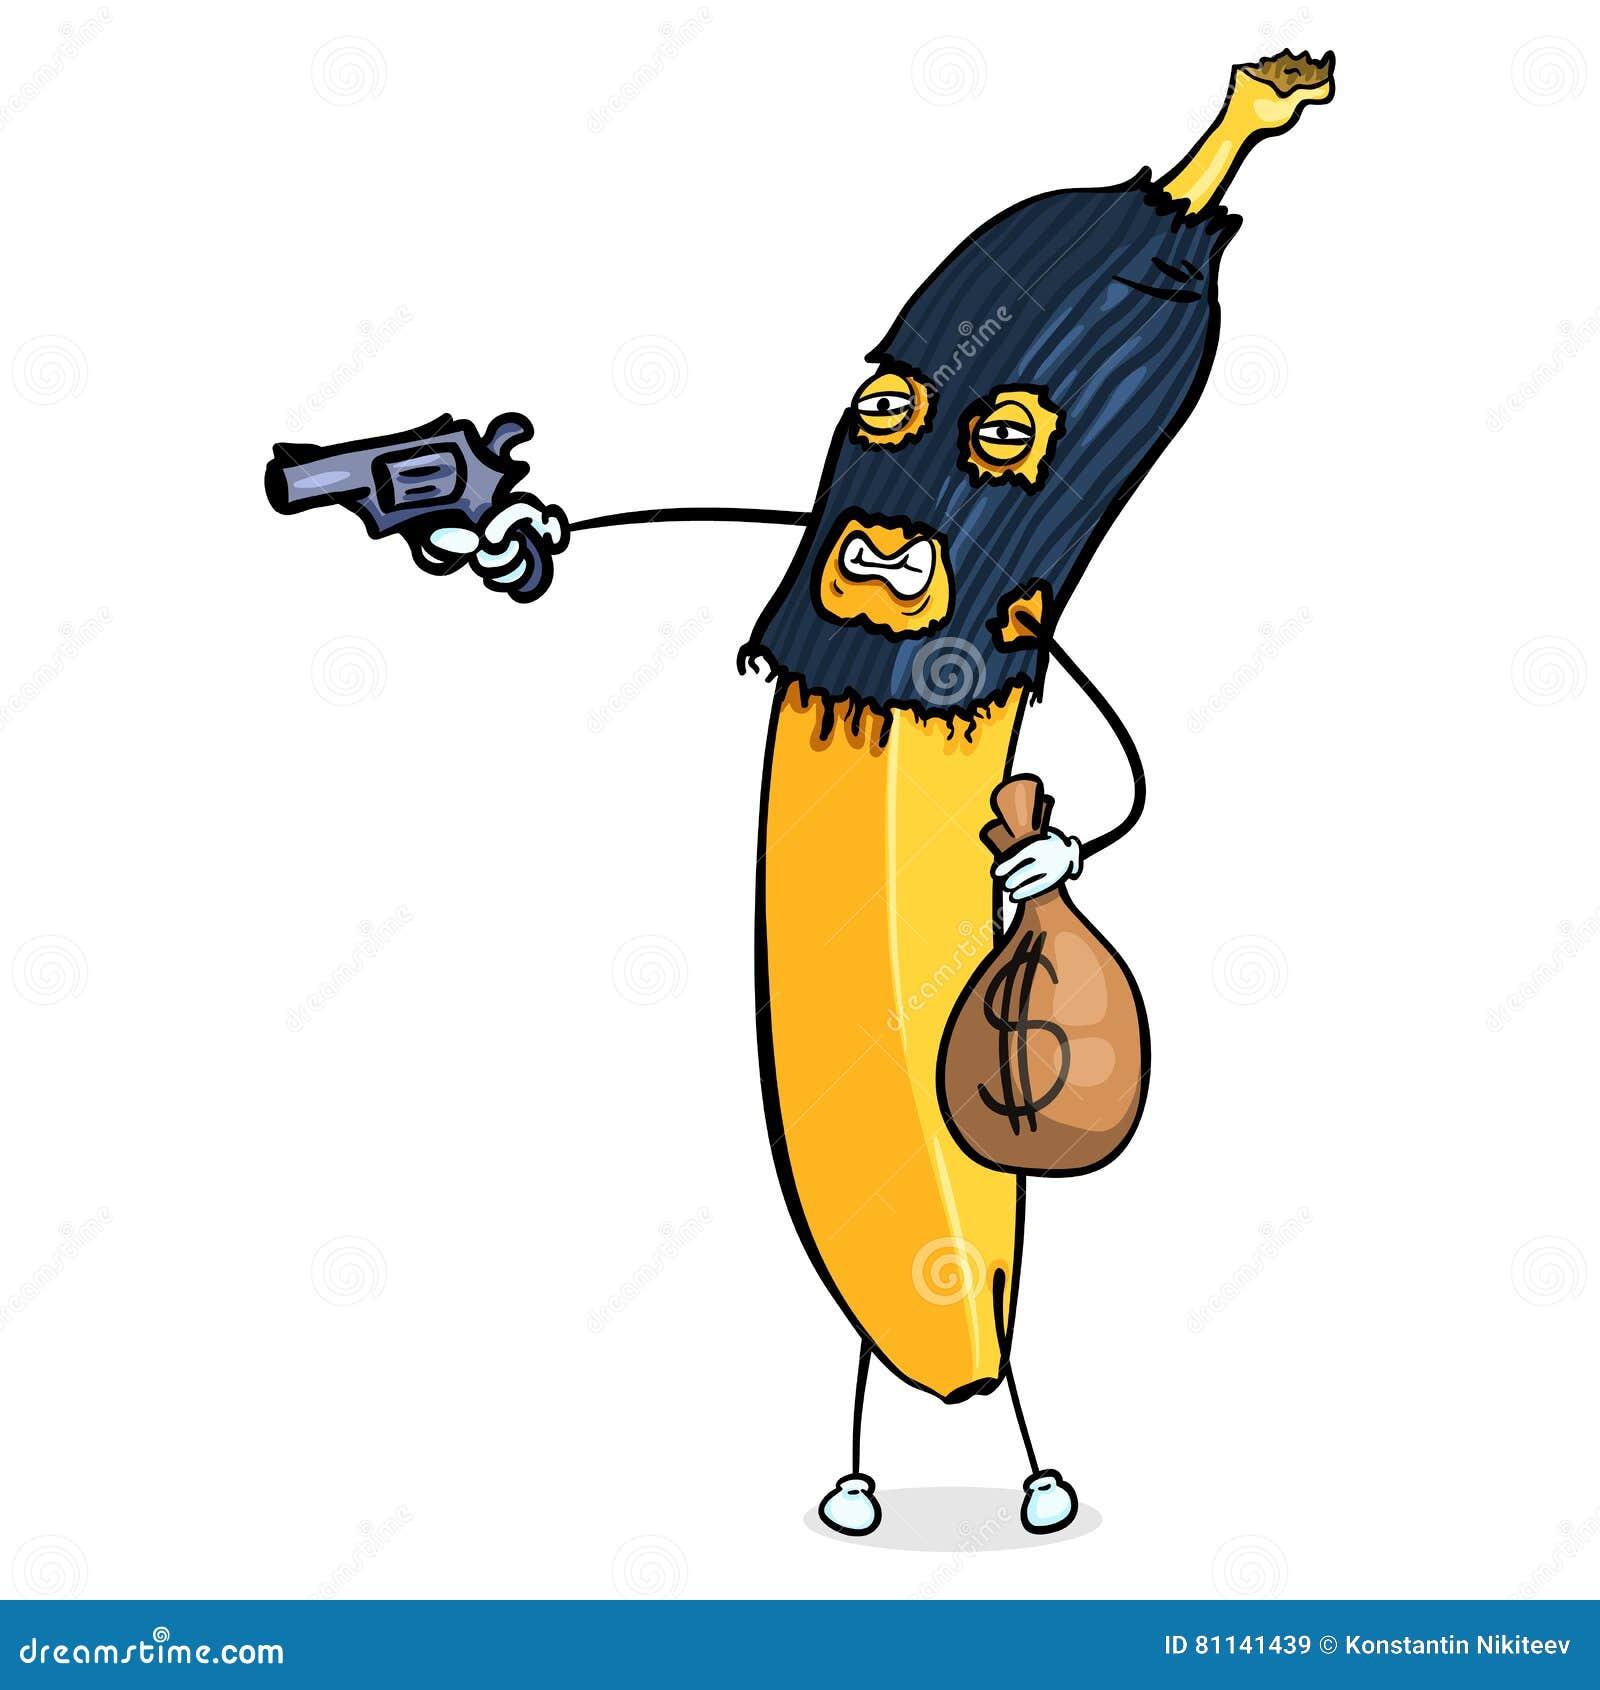 Картинки банана с оружием